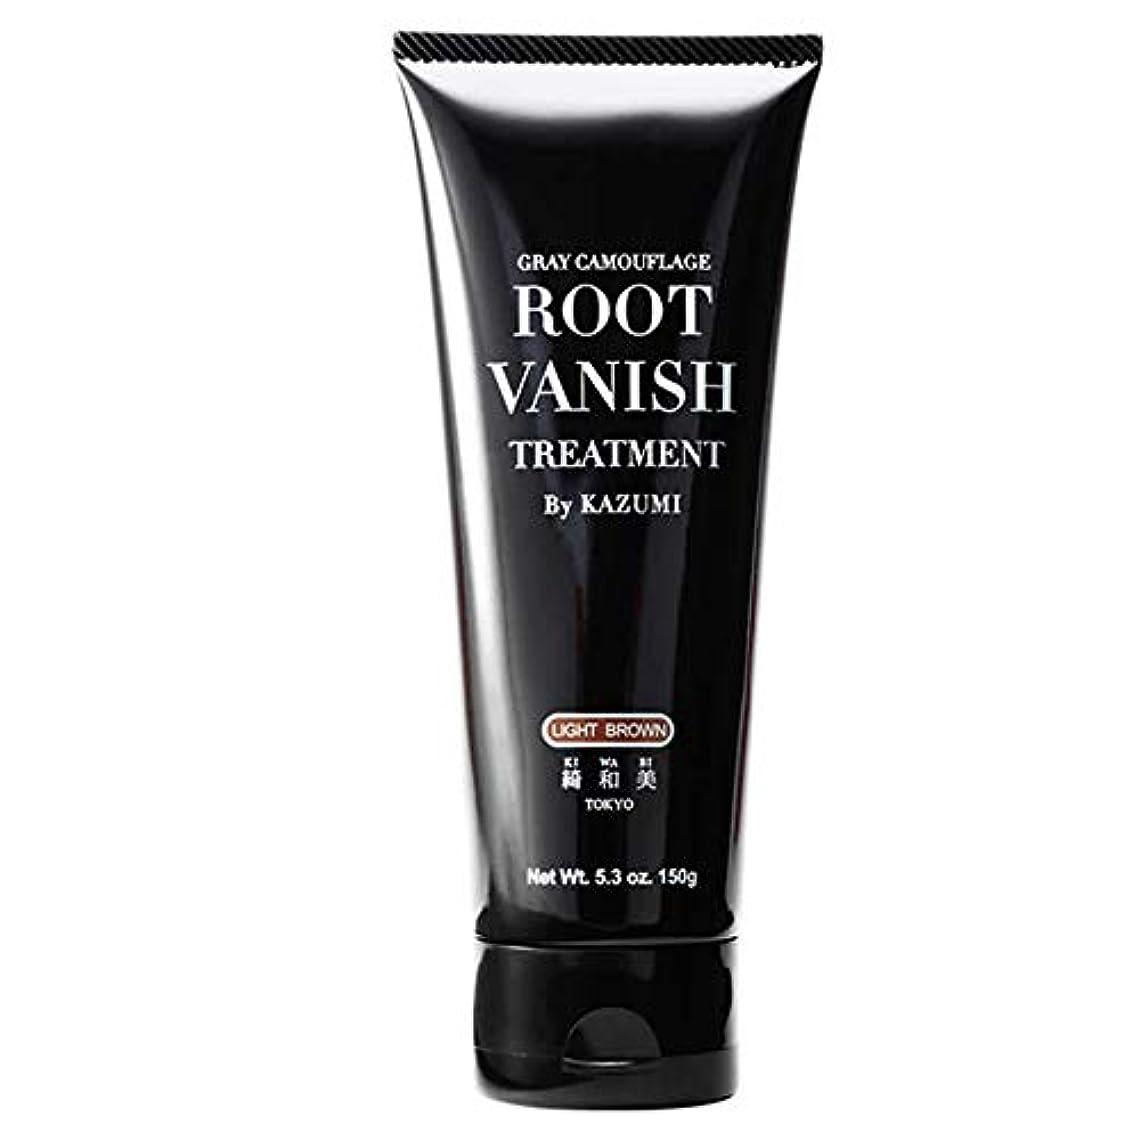 尊敬クライアント売るRoot Vanish 白髪染め (ライトブラウン) ヘアカラートリートメント 女性用 [100%天然成分 / 無添加22種類の植物エキス配合]